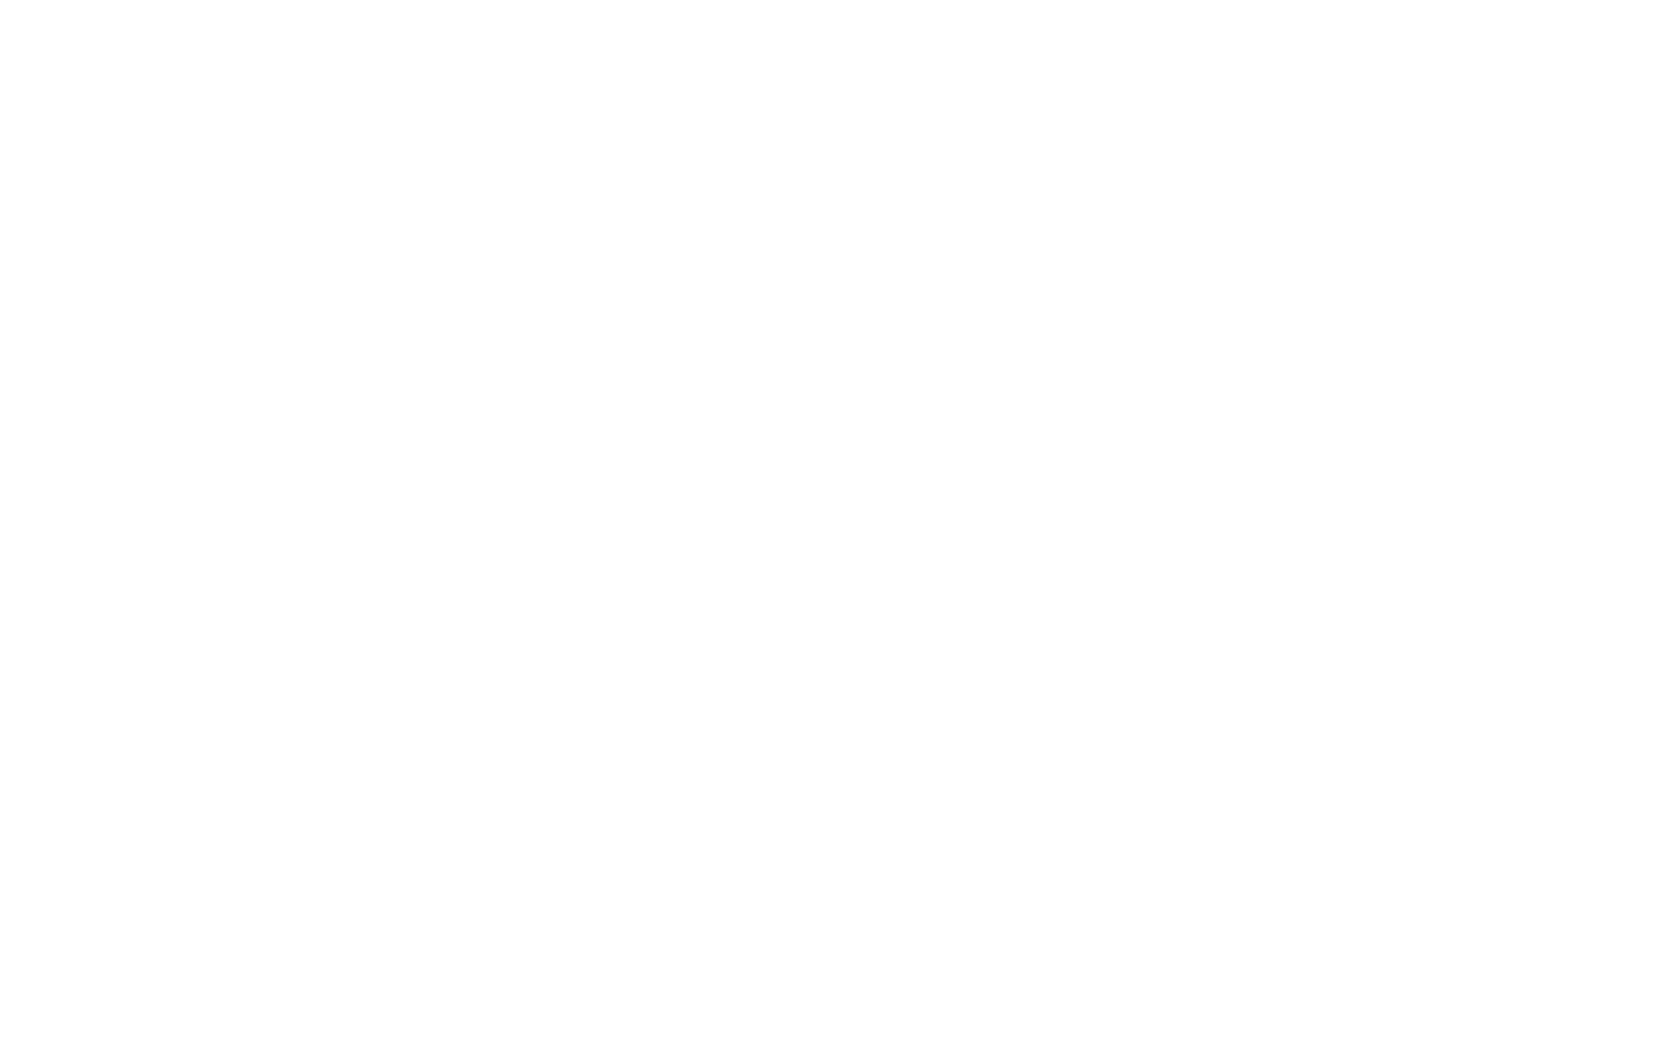 兴发xf881娱乐官网